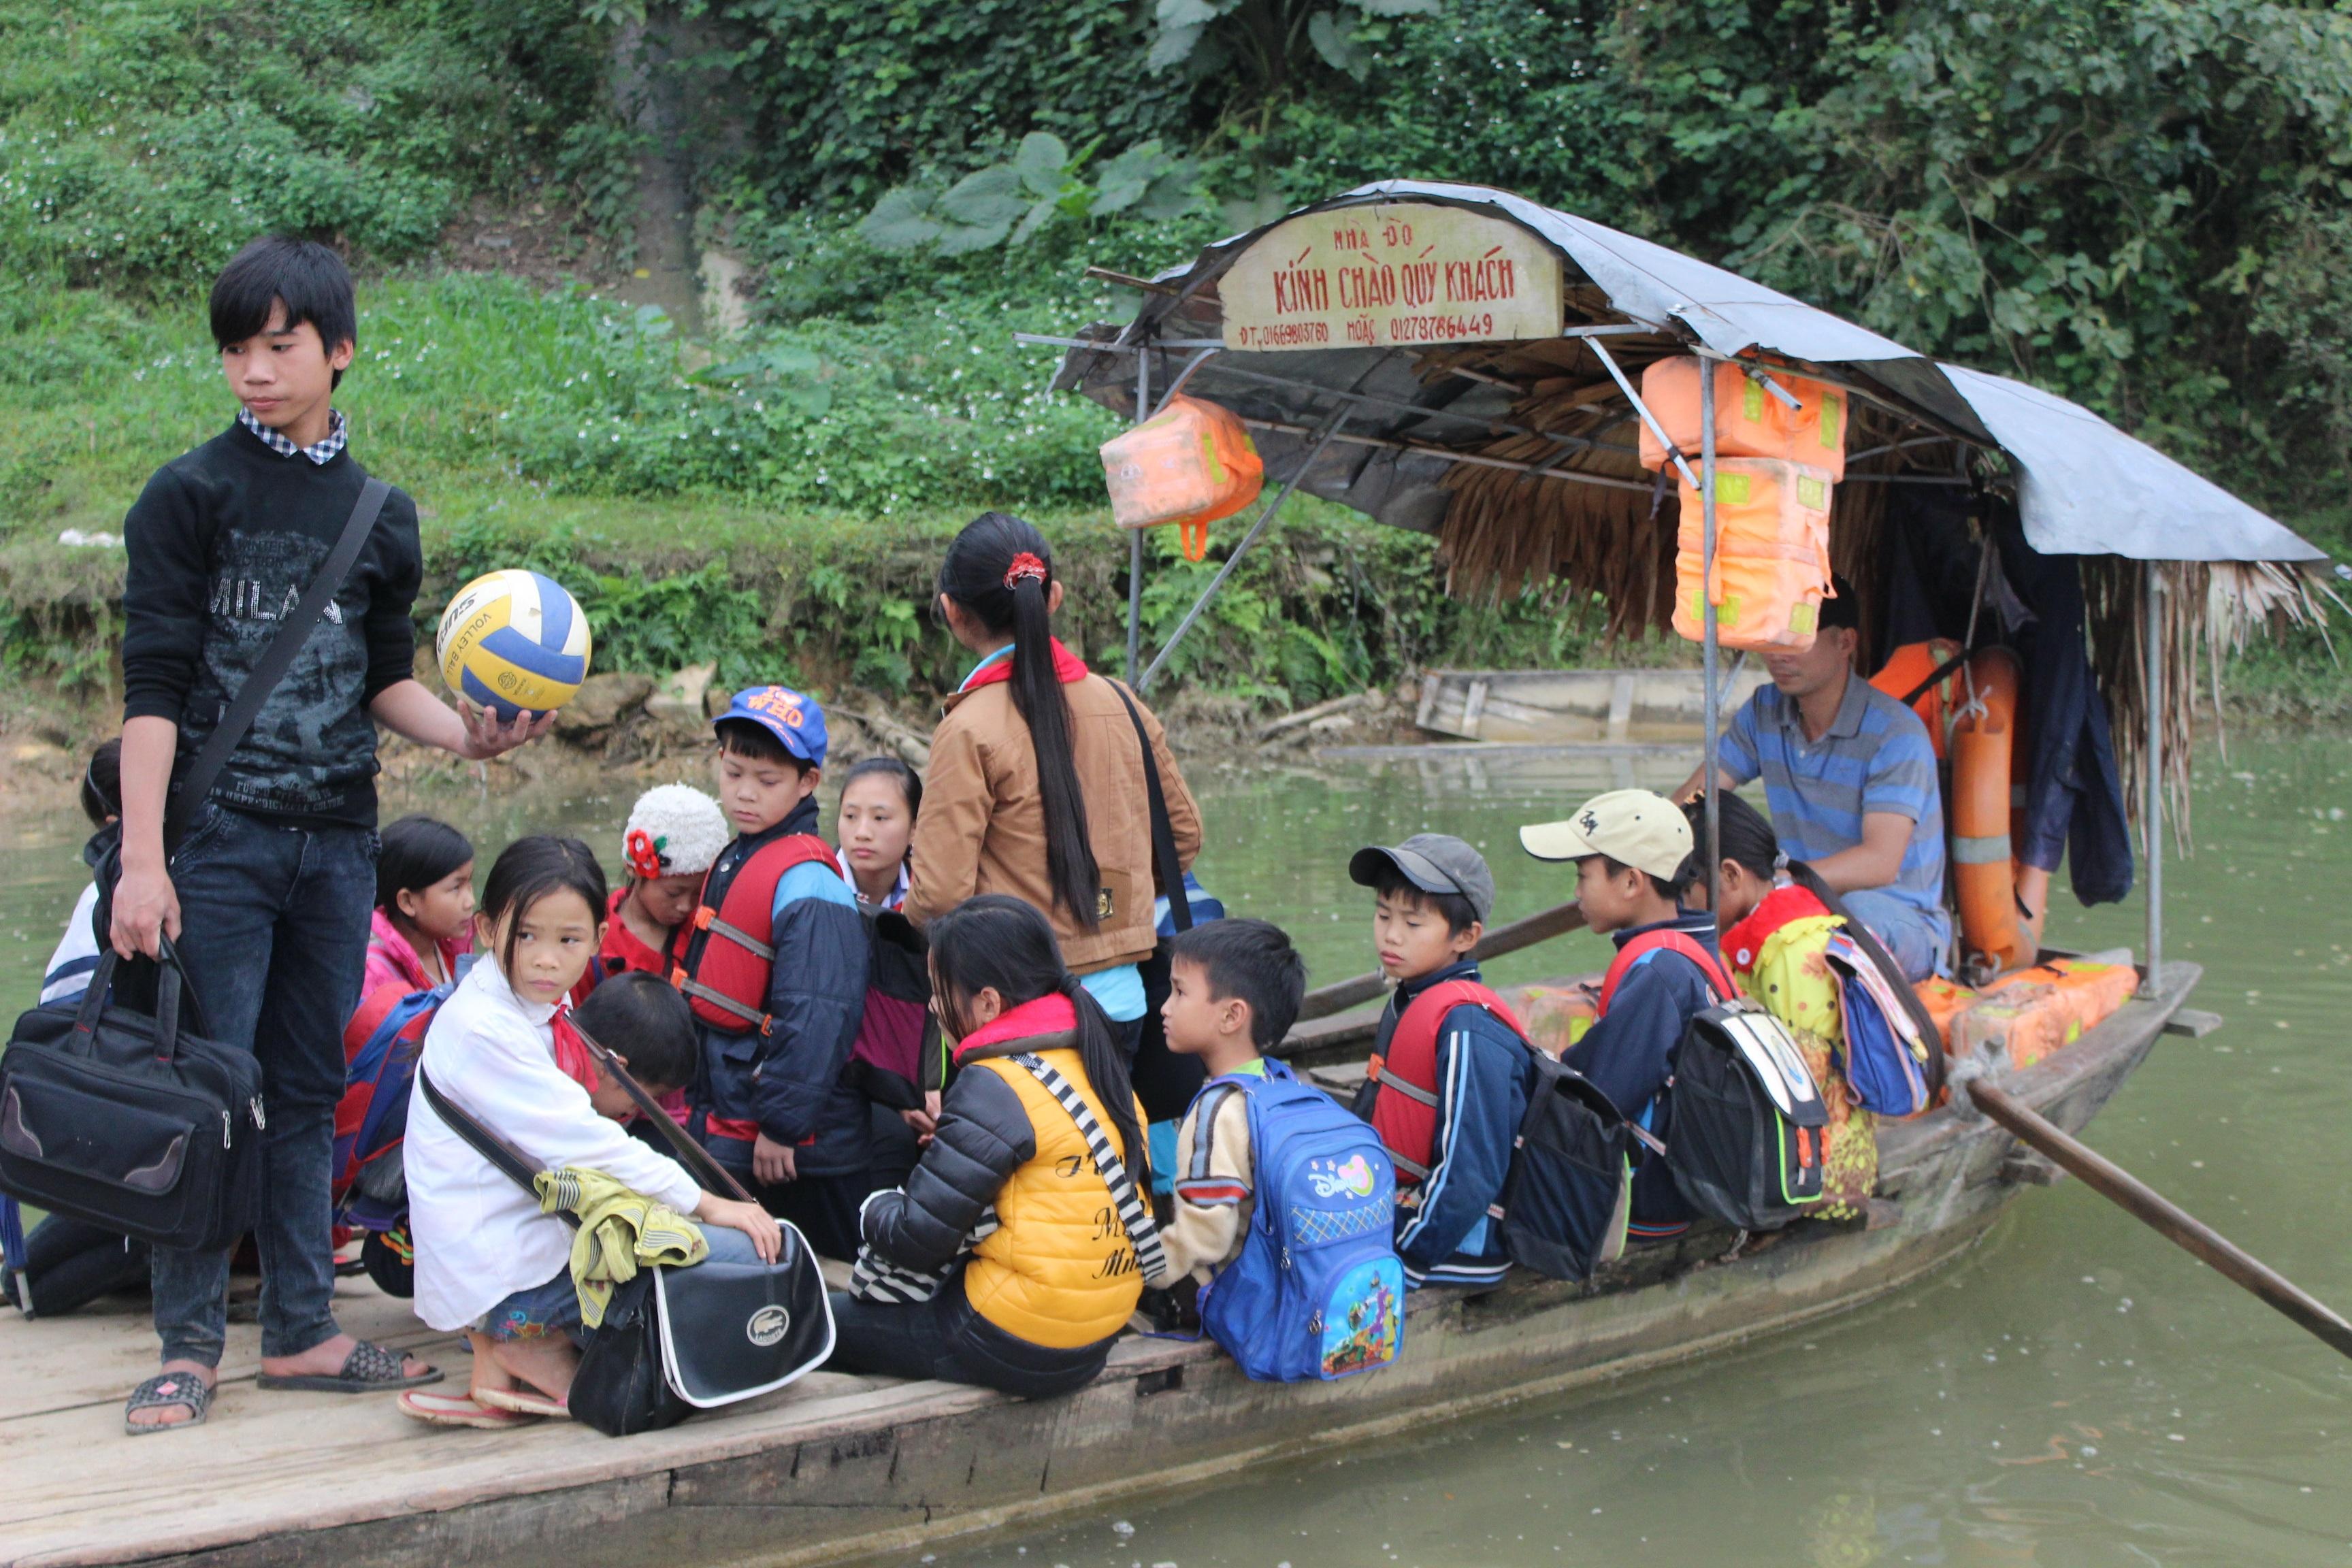 Hàng chục năm qua, nhiều thế hệ học sinh tại xóm 2 (xã Hương Thọ), phải qua đò để đi học.